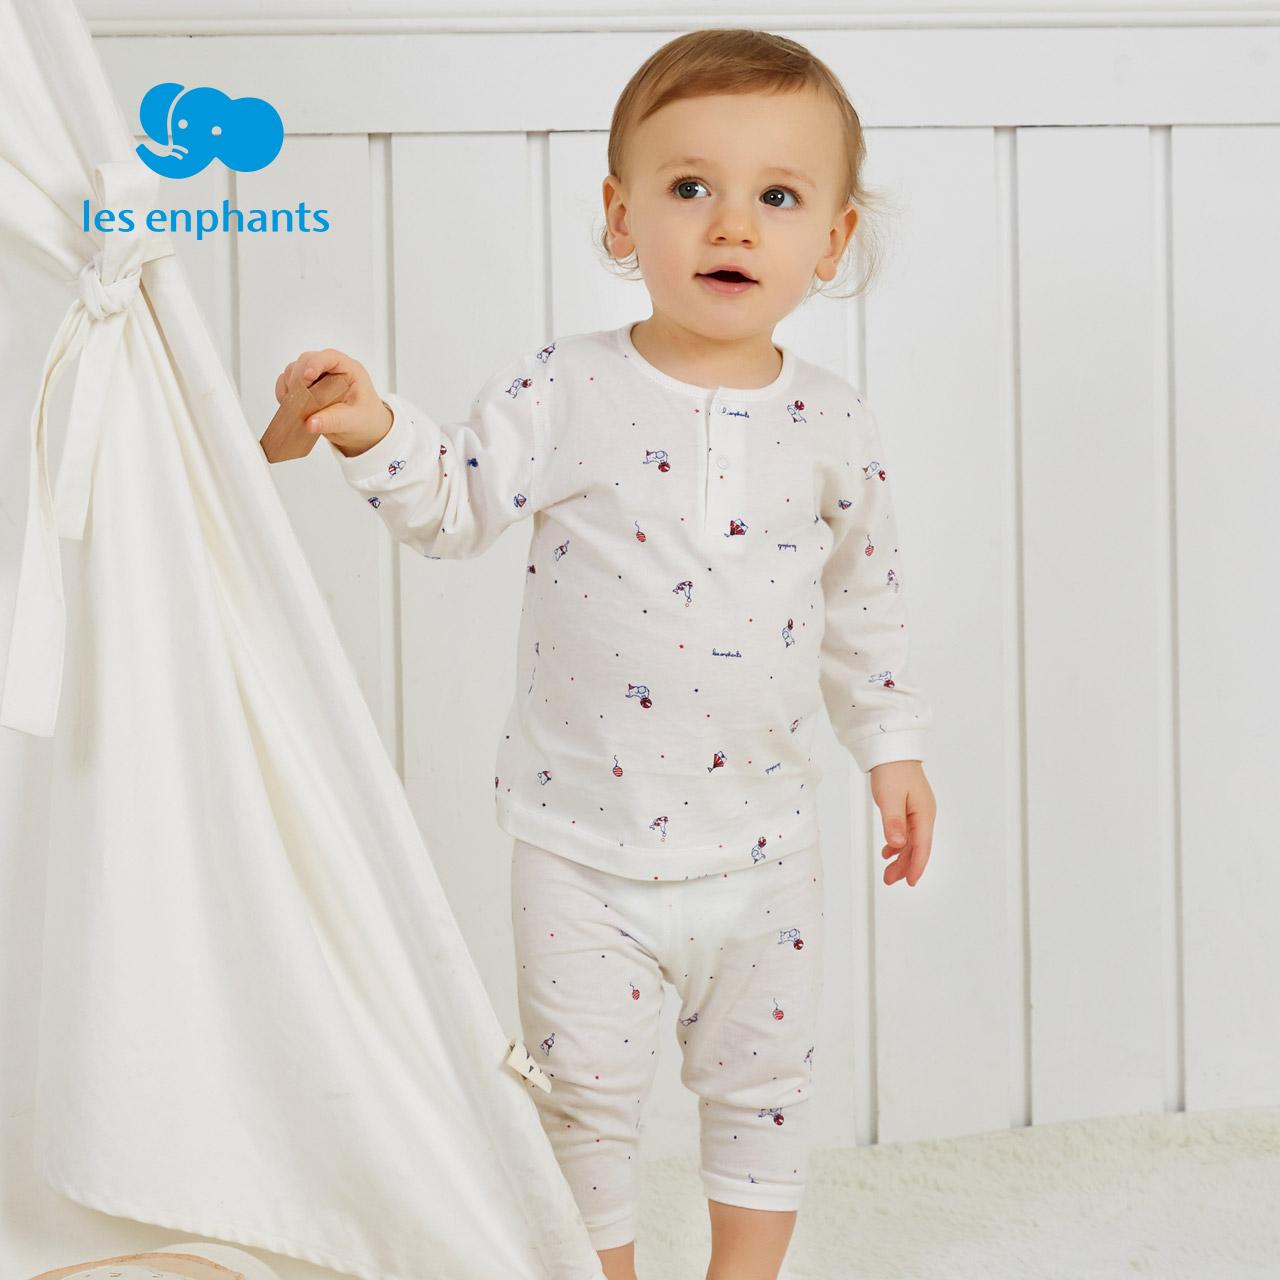 丽婴房婴儿衣服内衣套装男女宝宝夏装纯棉内衣套装2018款